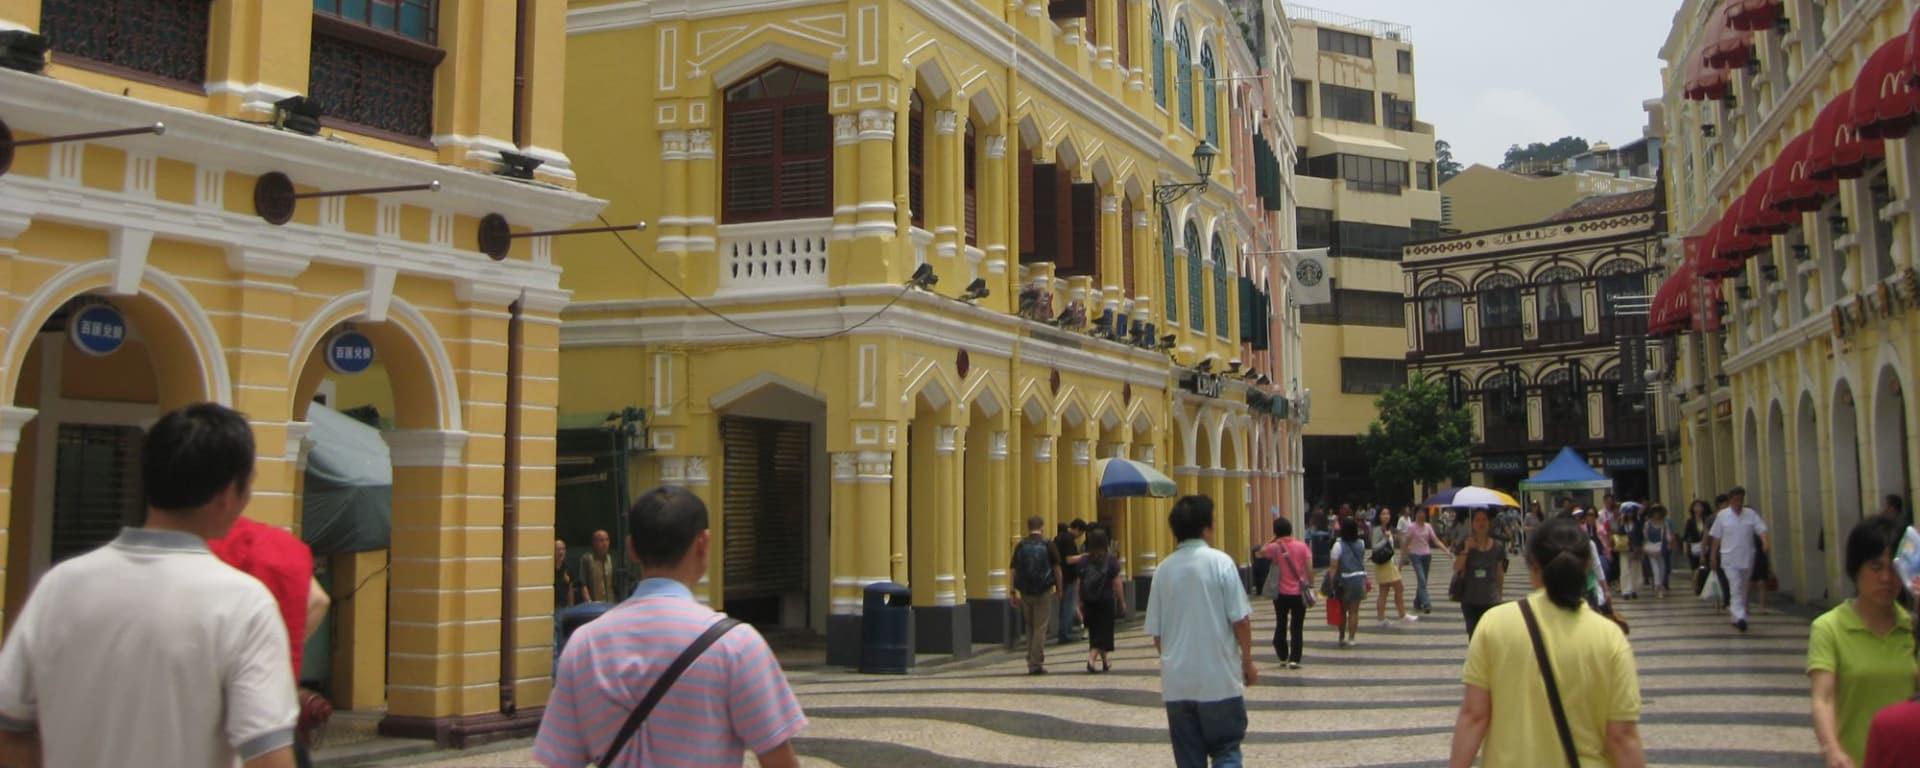 Voyages en Macao | Vacances en Asie par tourasia: Largo do Senado